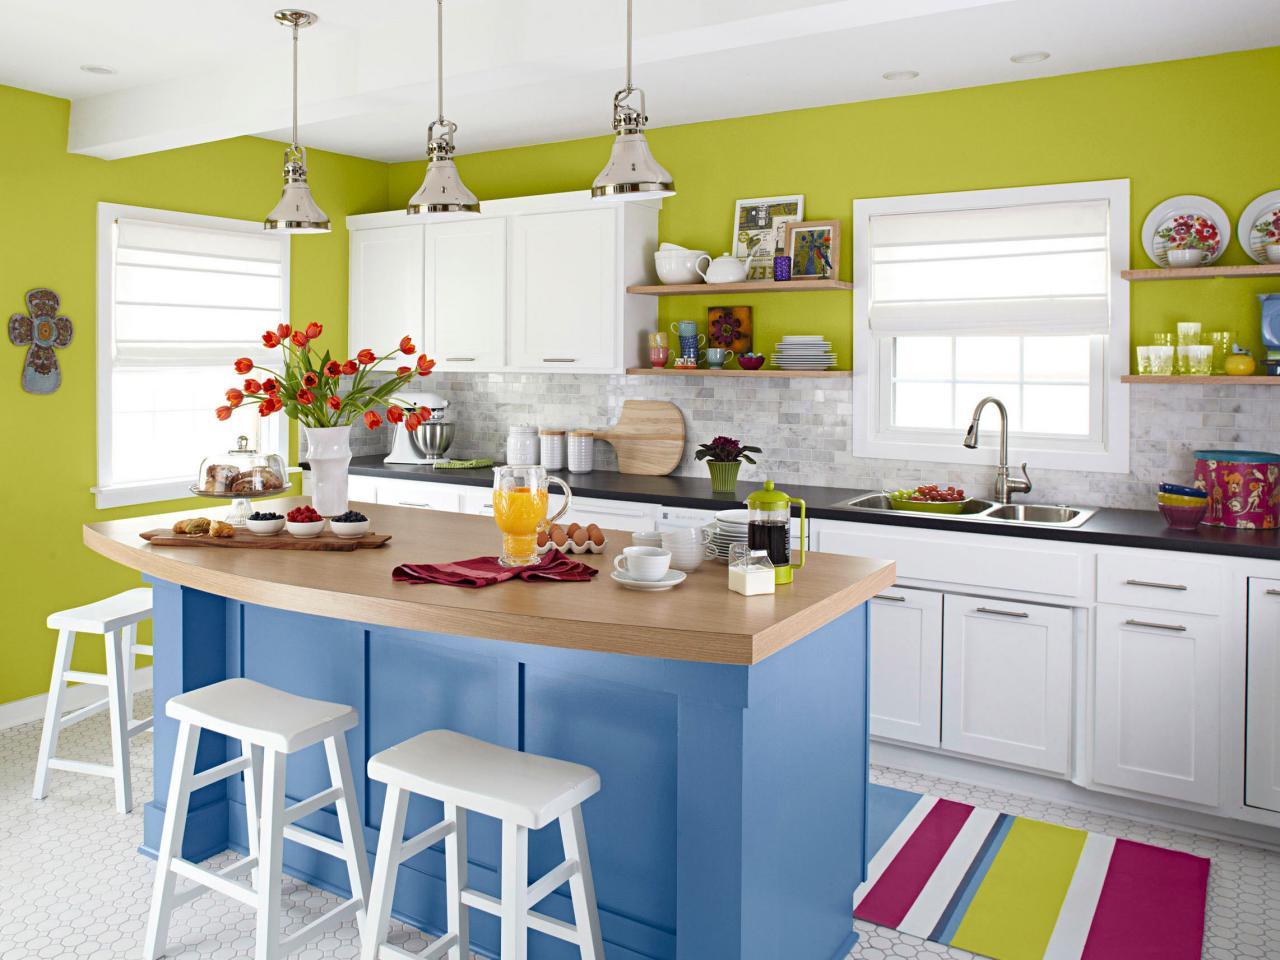 Luxurious Kitchen Island Design Ideas Kitchen Island Design Ideas Style Motivation Kitchen Island Design Drawings Kitchen Island Design Tool kitchen Kitchen Island Design